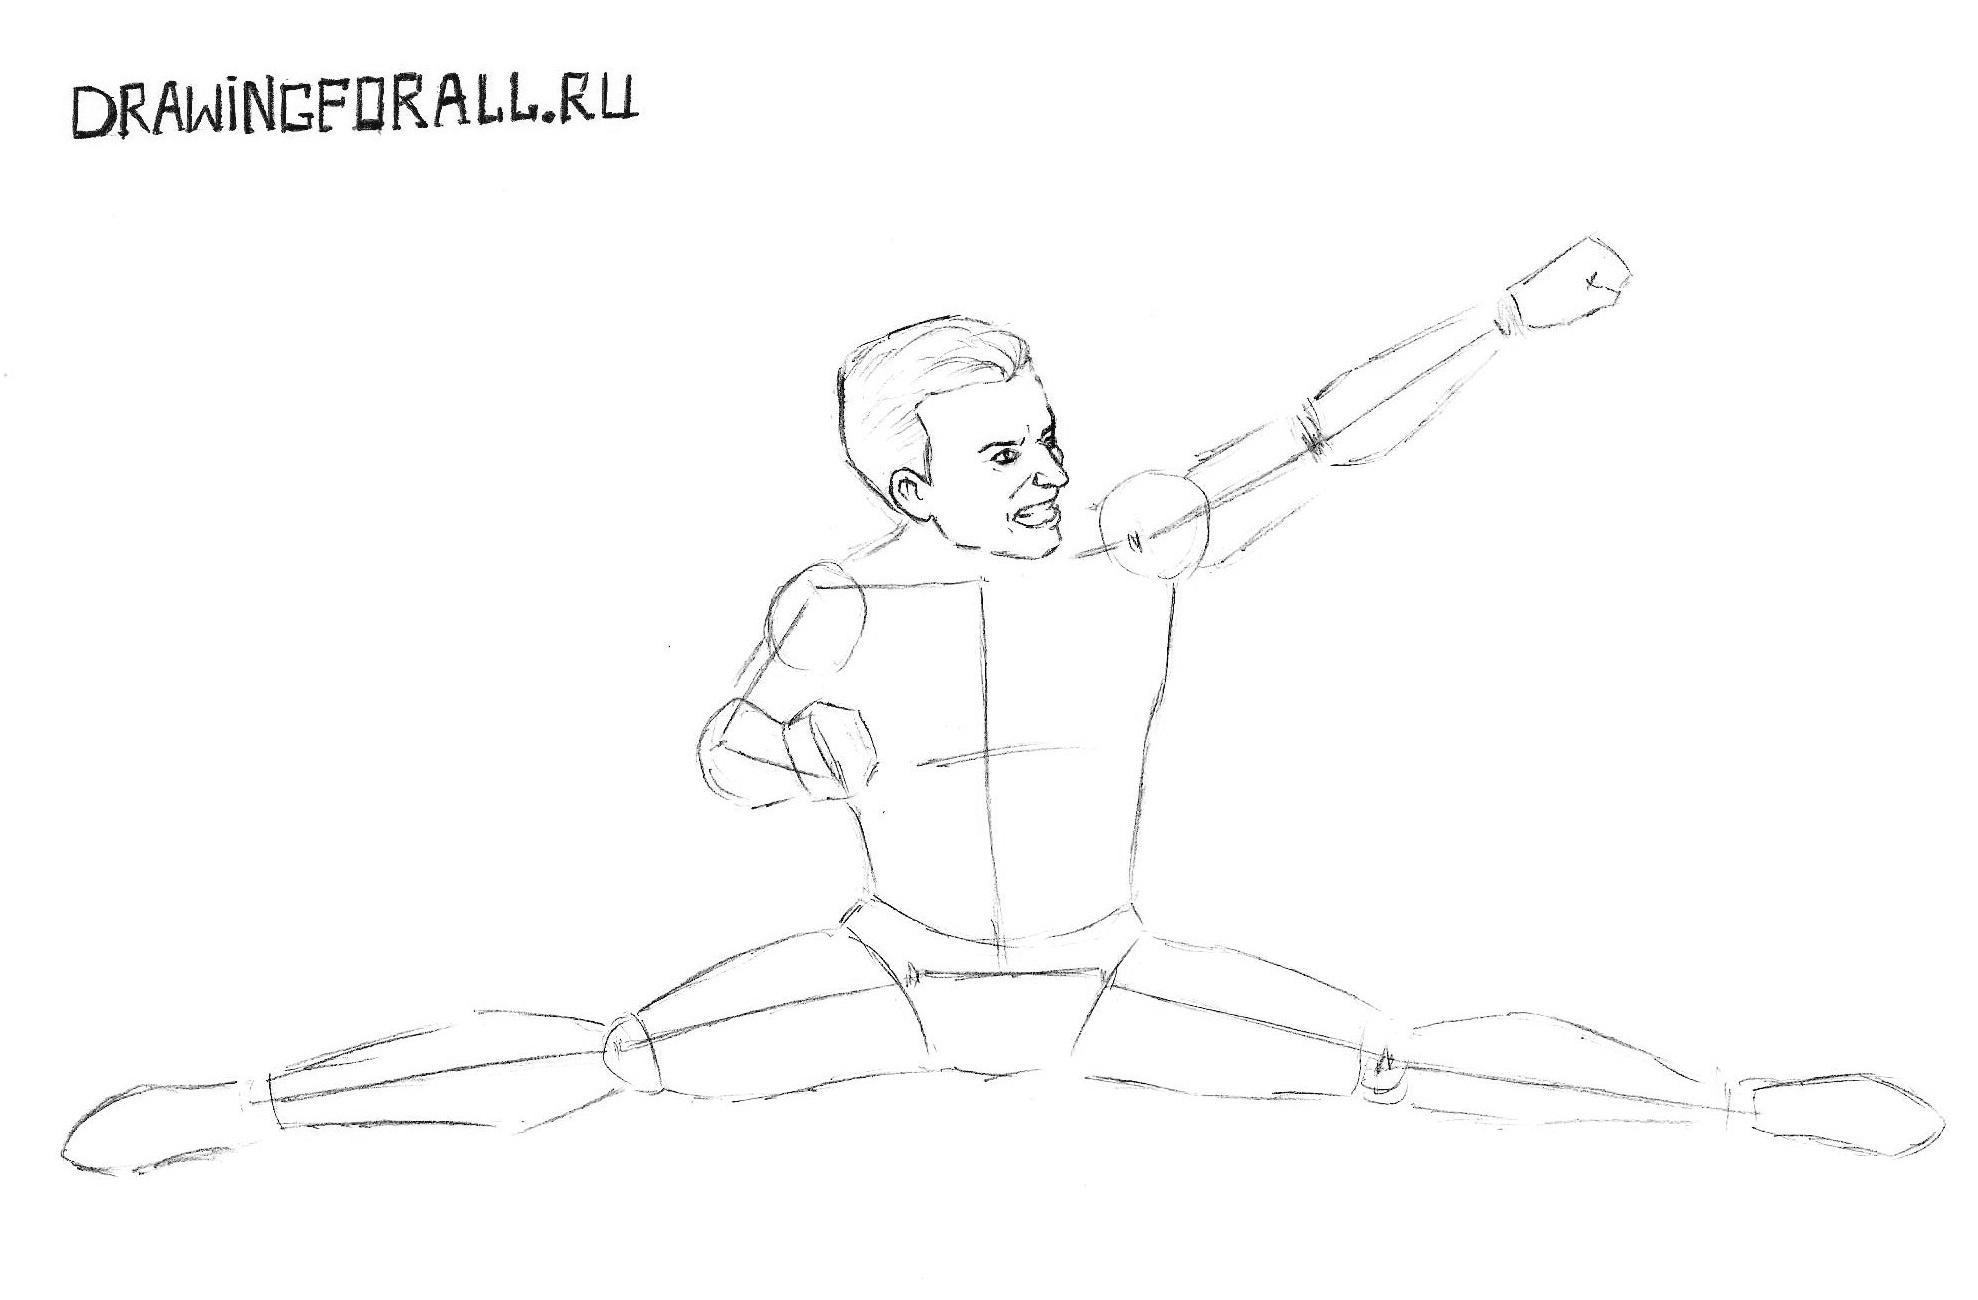 как нарисовать героя мортал комбат